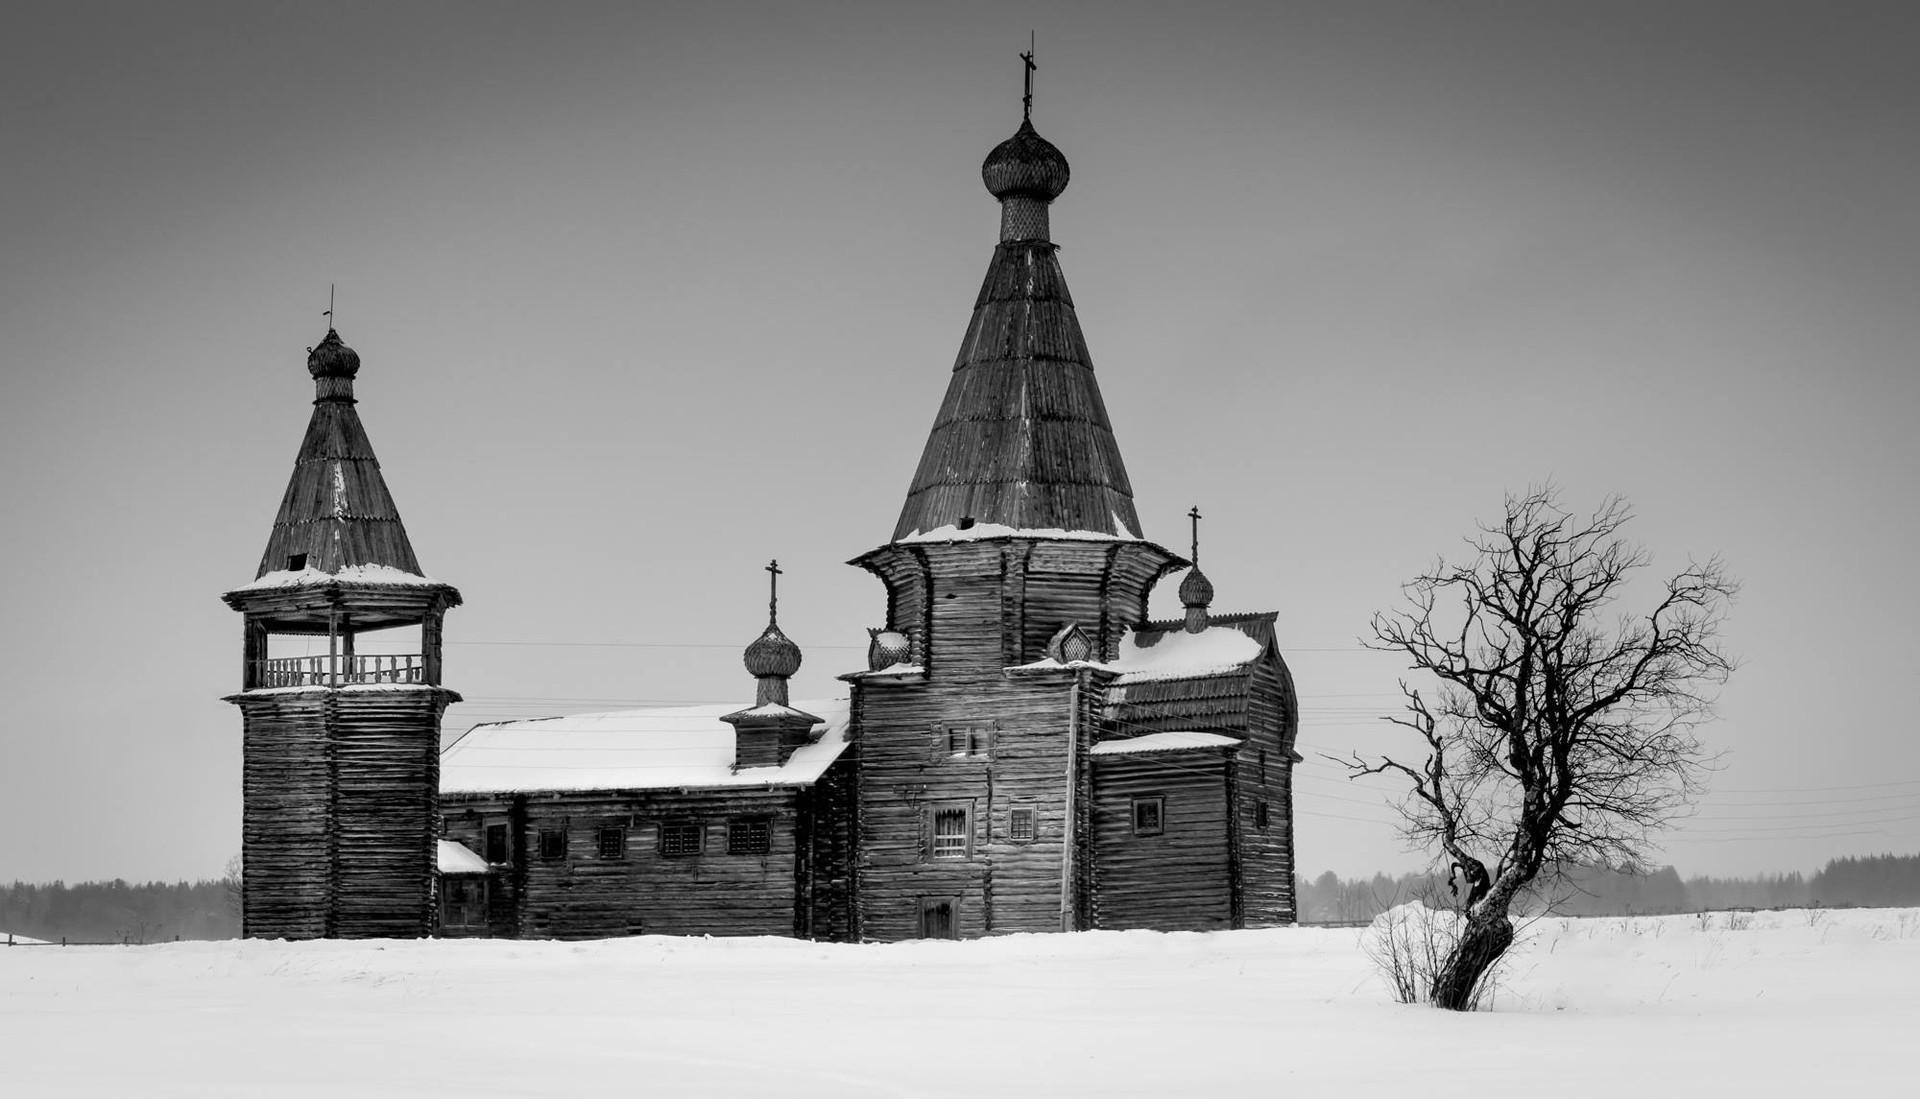 Cerkev sv. Janeza Zlatousta iz 17. stoletja v Arhangelski regiji